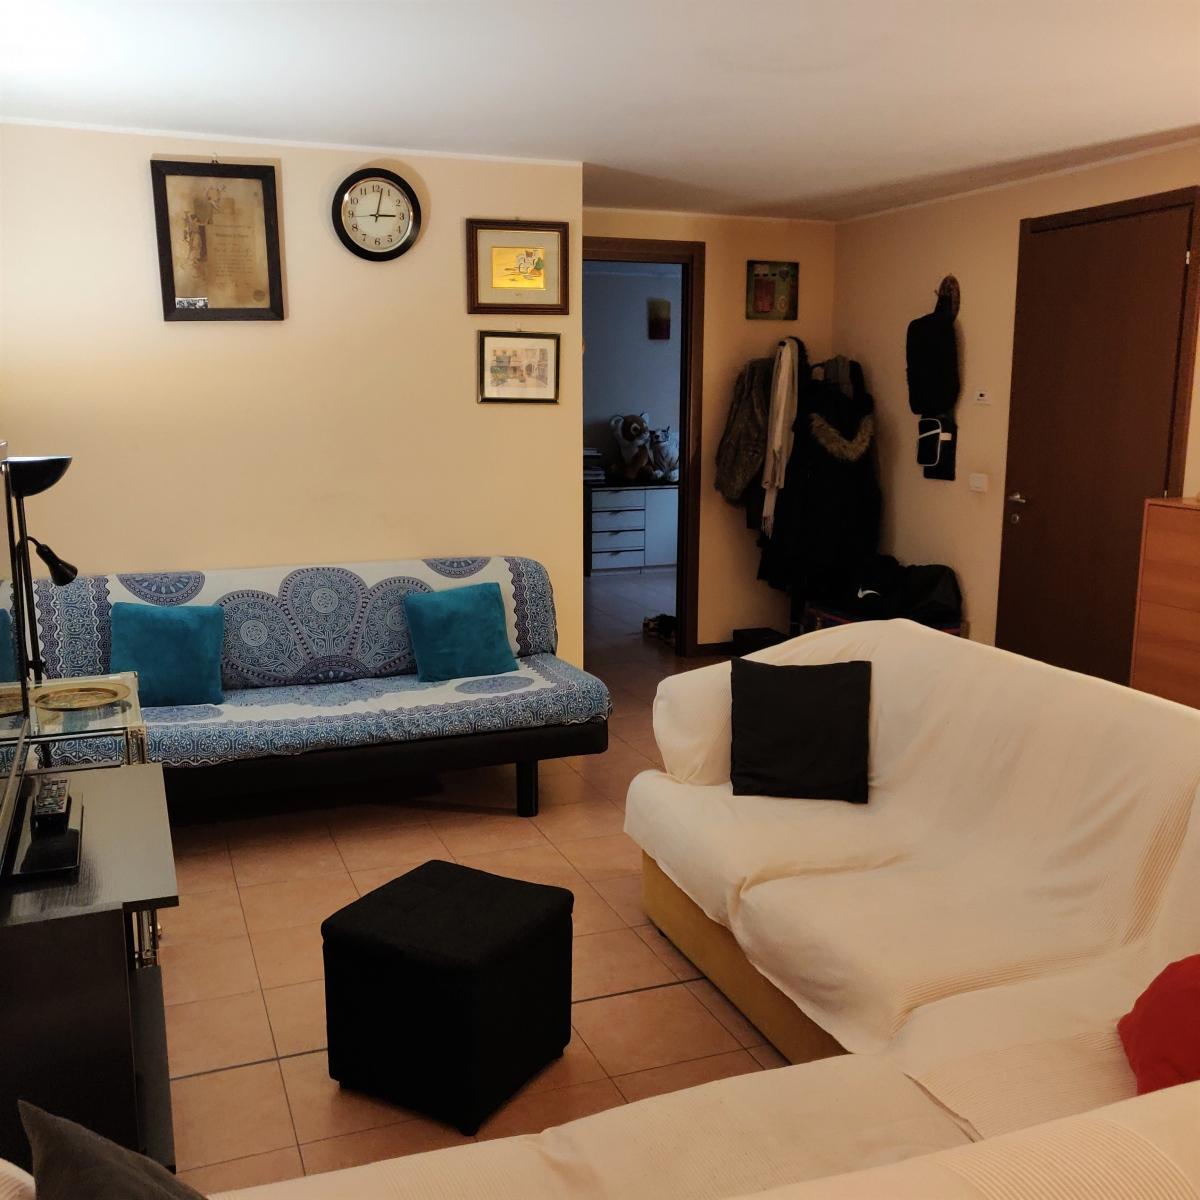 appartamento-in-vendita-milano-via-forze-armate-recente-costruzione-4-locali-spaziourbano-immobiliare-vende-6